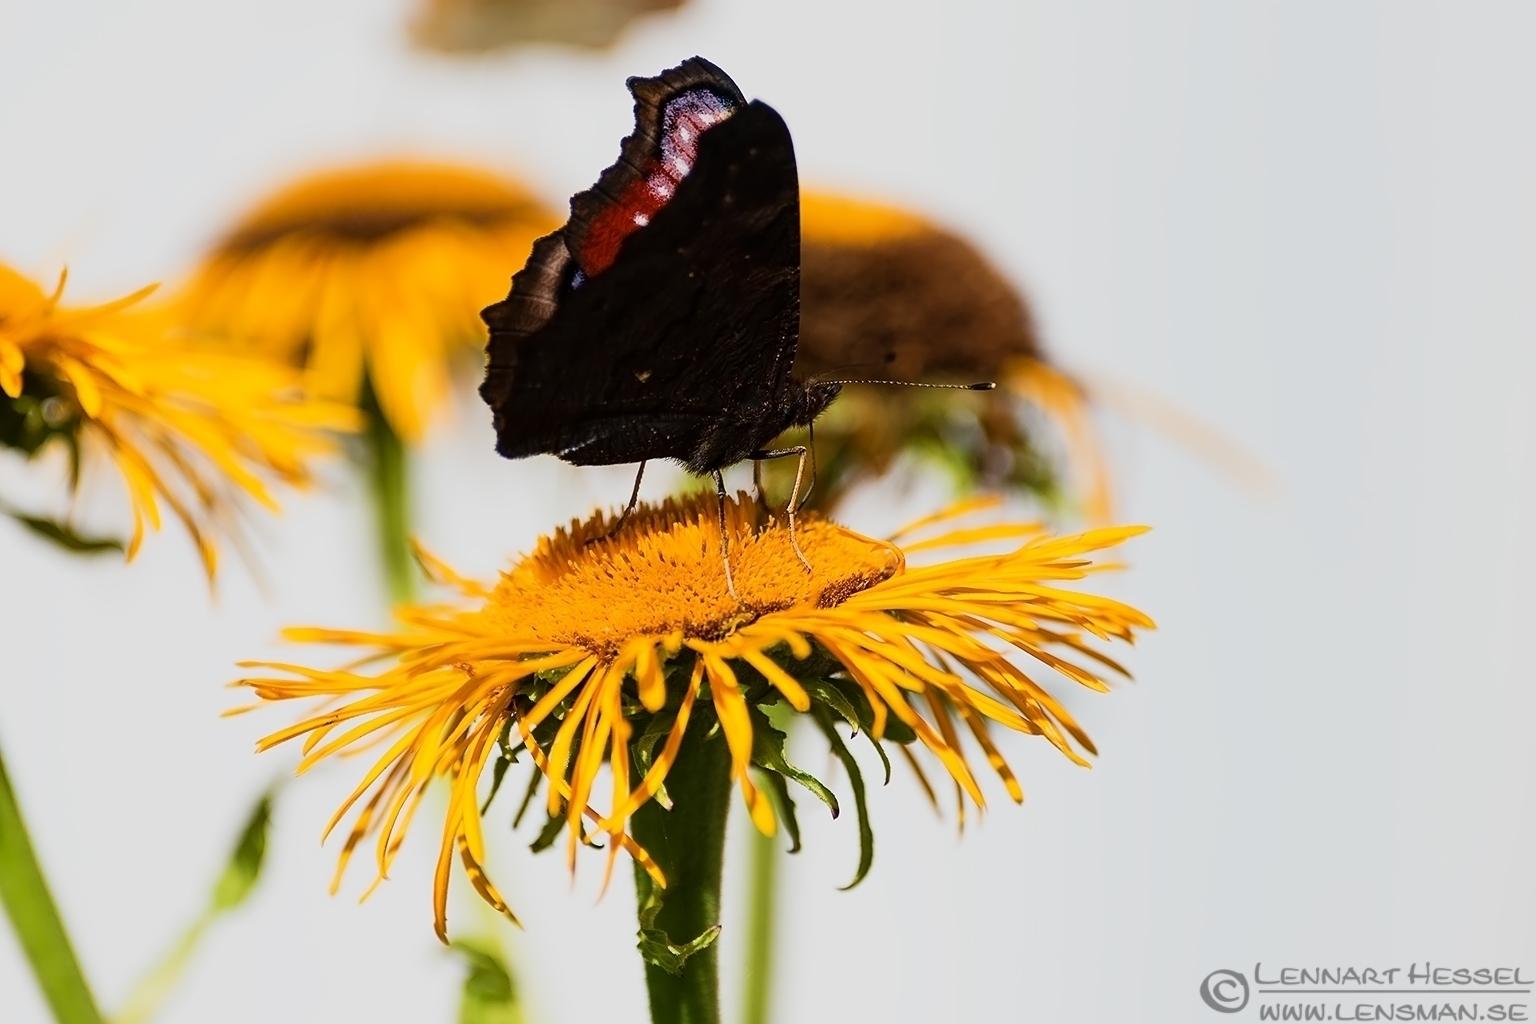 Butterfly Öland 2012